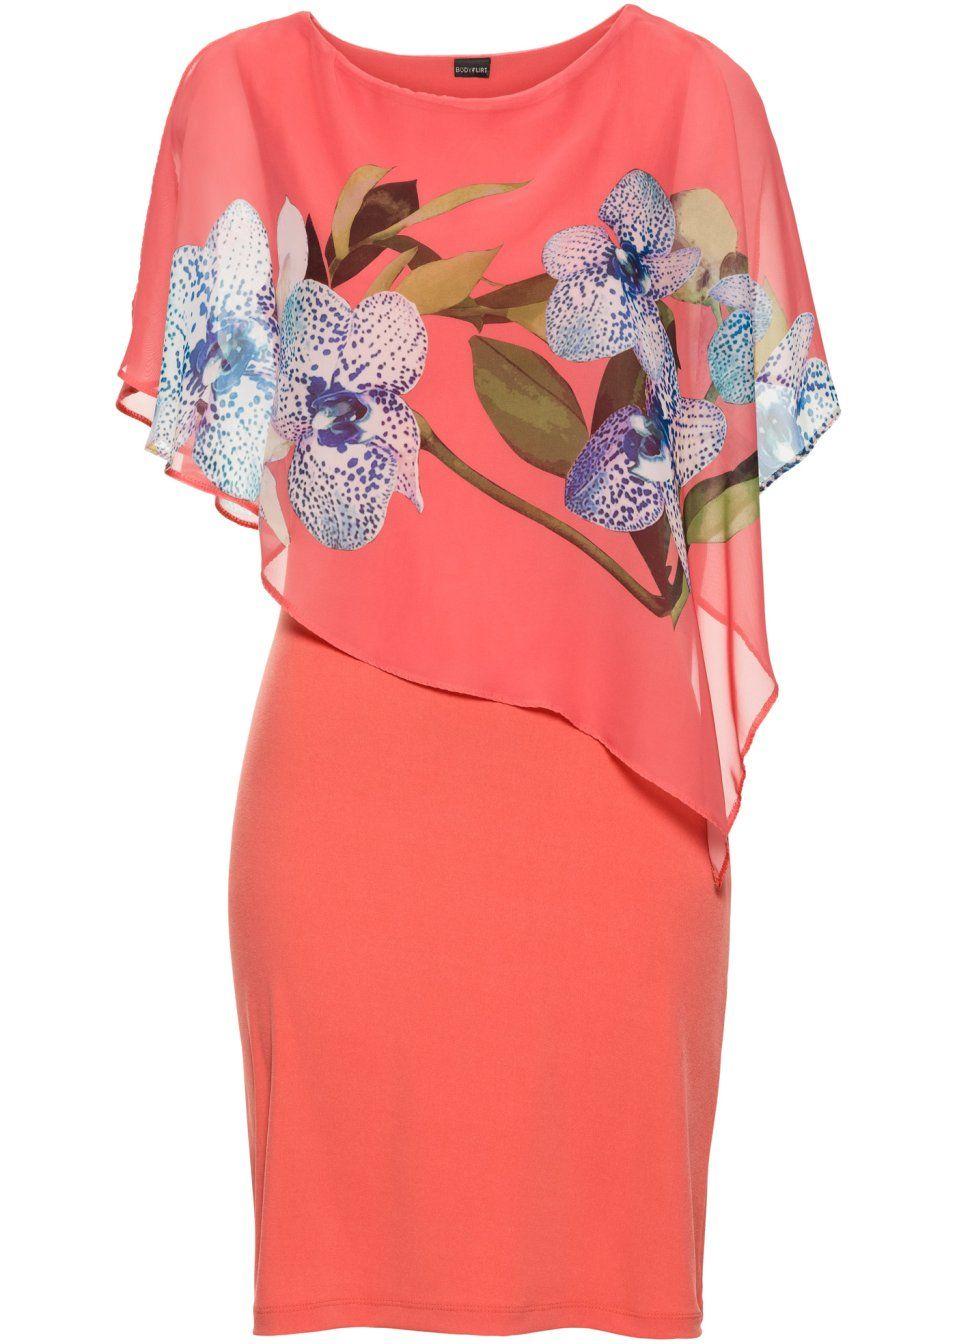 Jerseykleid mit Chiffon-Überwurf  Kleiderstile, Chiffon, Kleider